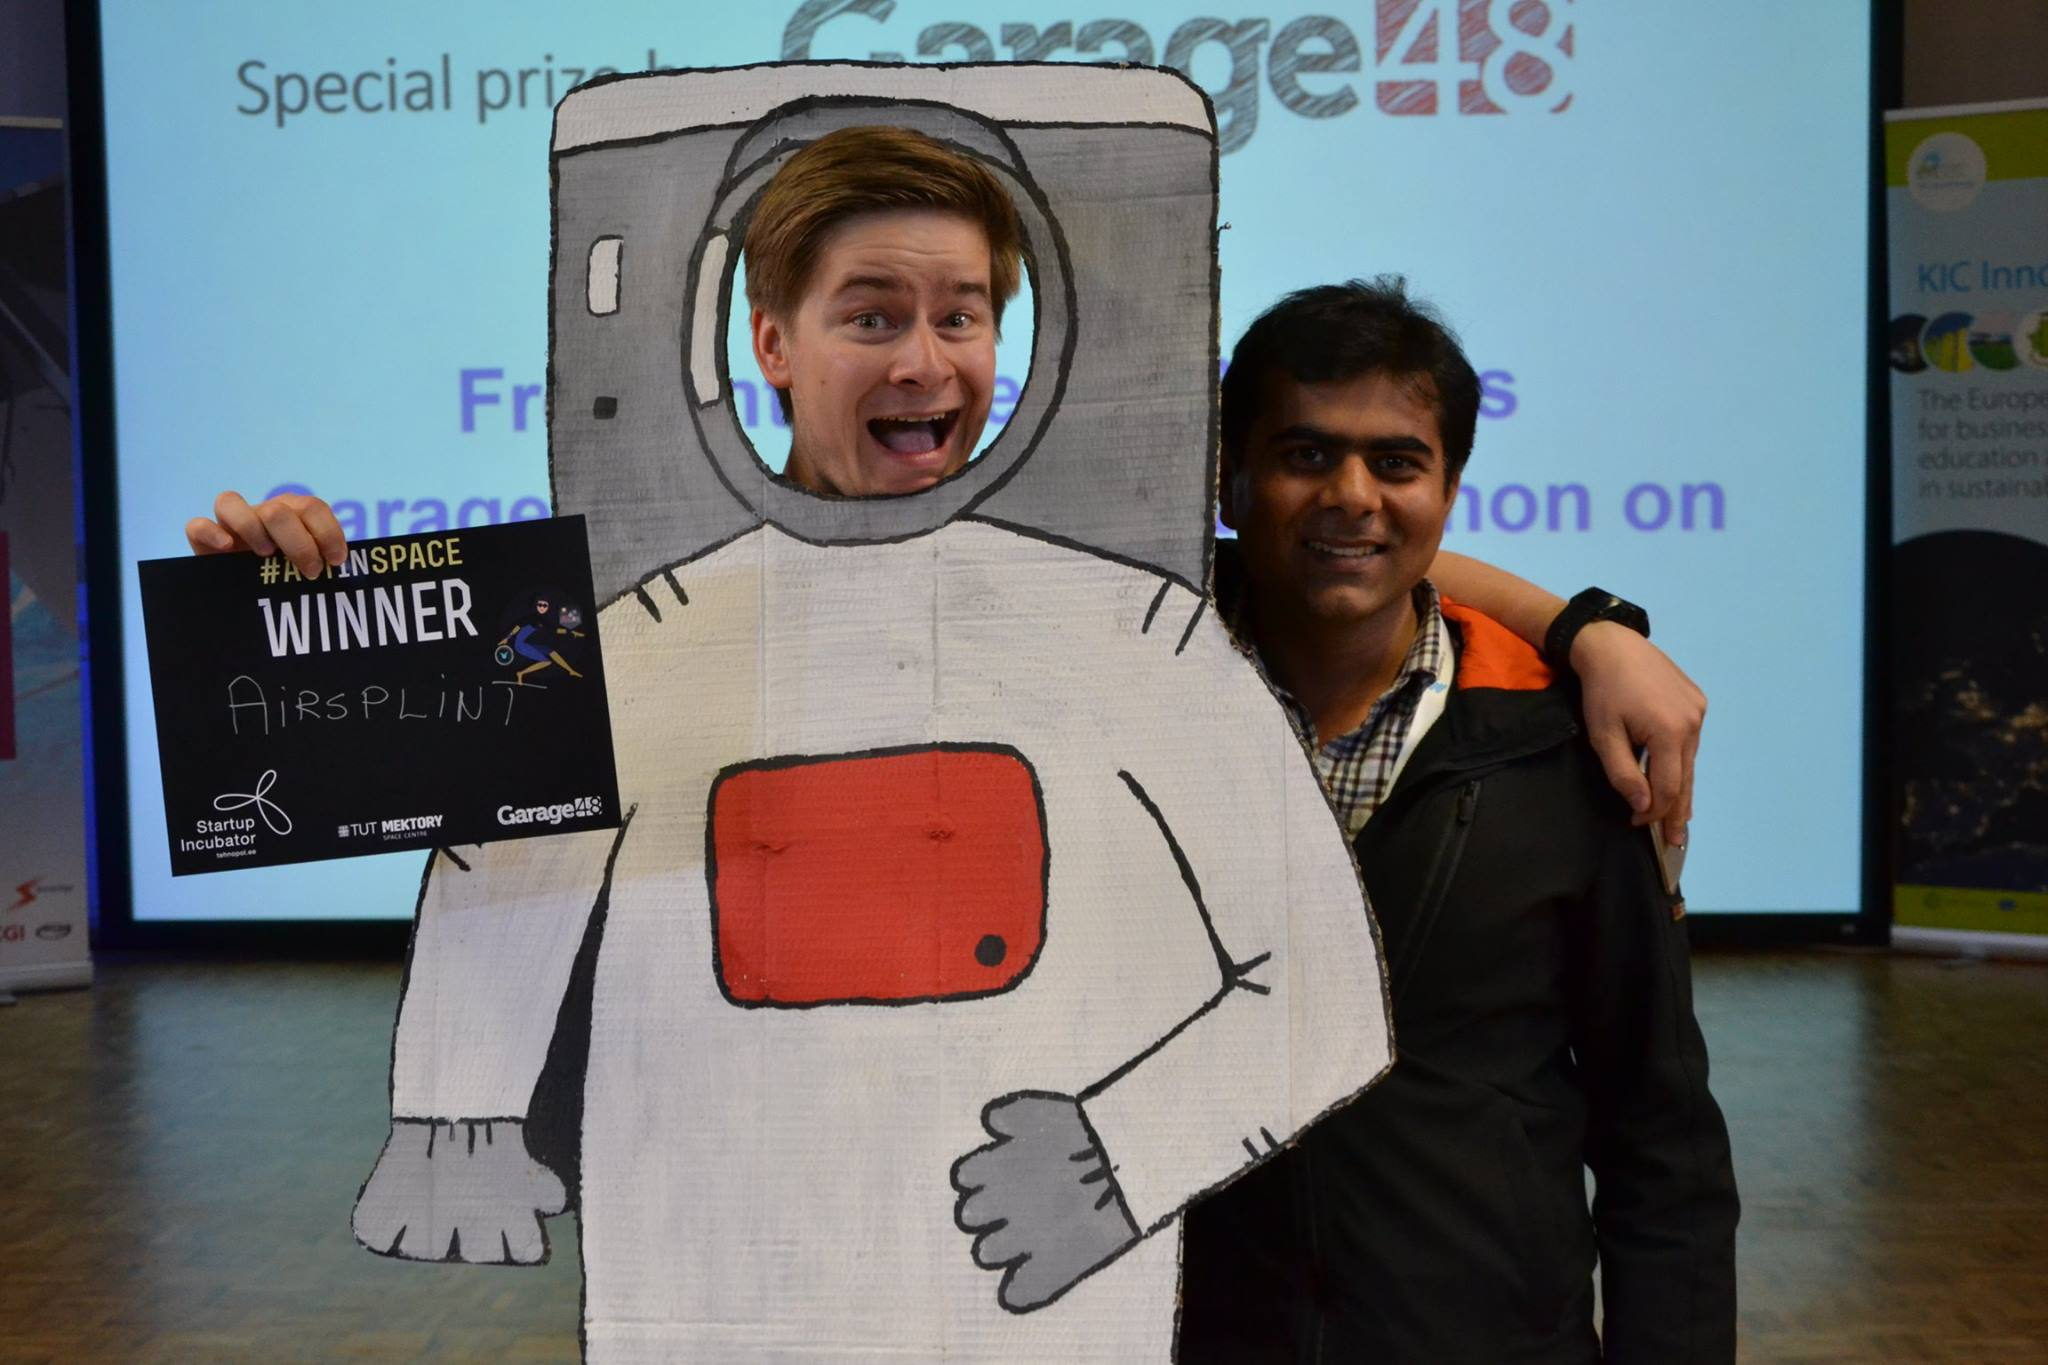 ActInSpace võitja Airsplint lihtsustab kosmosetehnoloogia abil parameedikute tööd